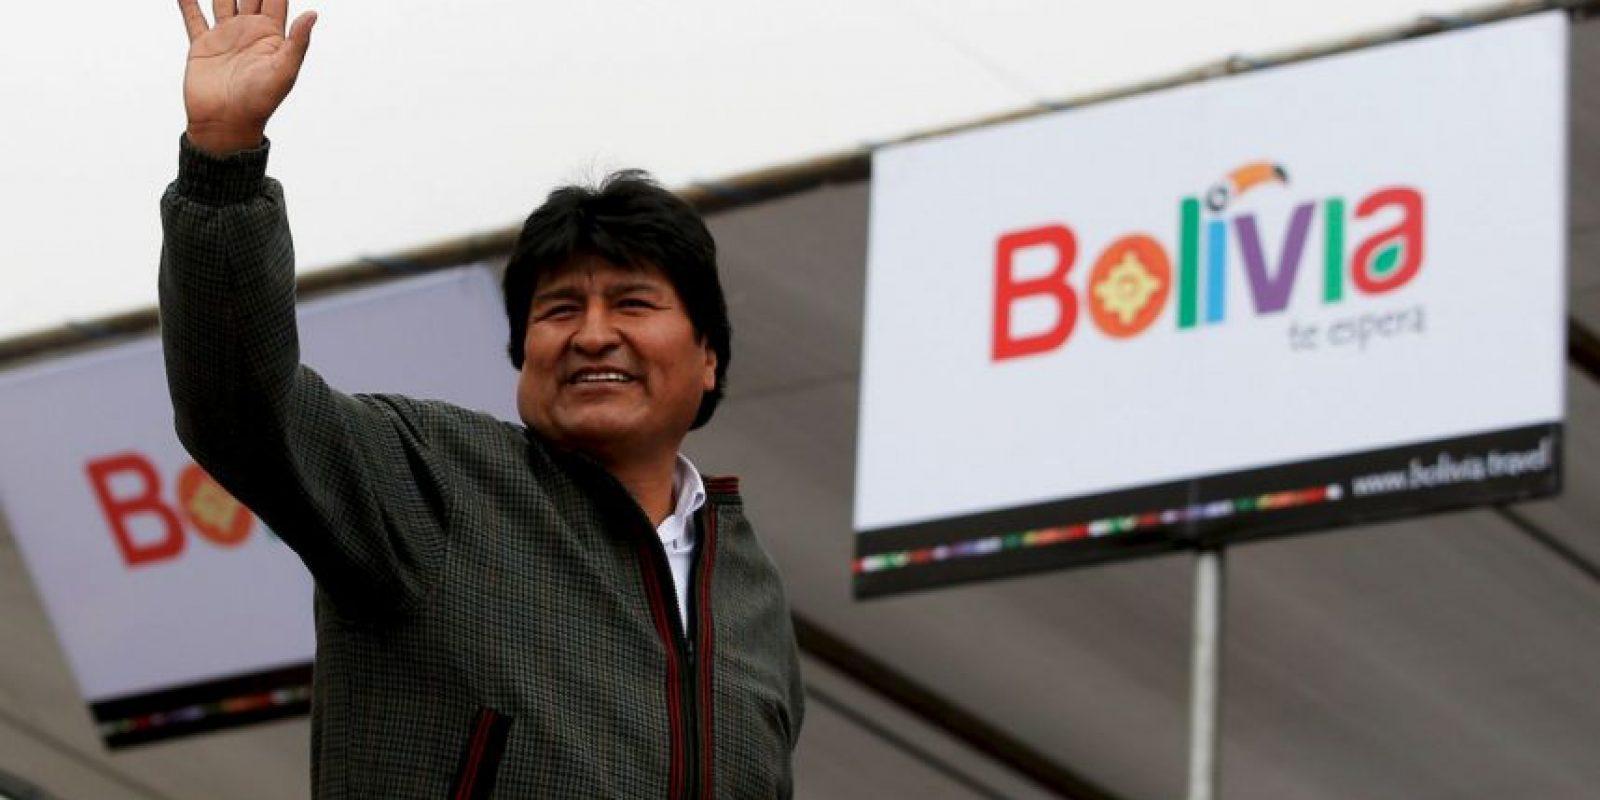 """El presidente de Bolivia tiene a la sopa de quinoa como su comida favorita, reseñó """"The Telegraph"""". Foto:Getty Images"""